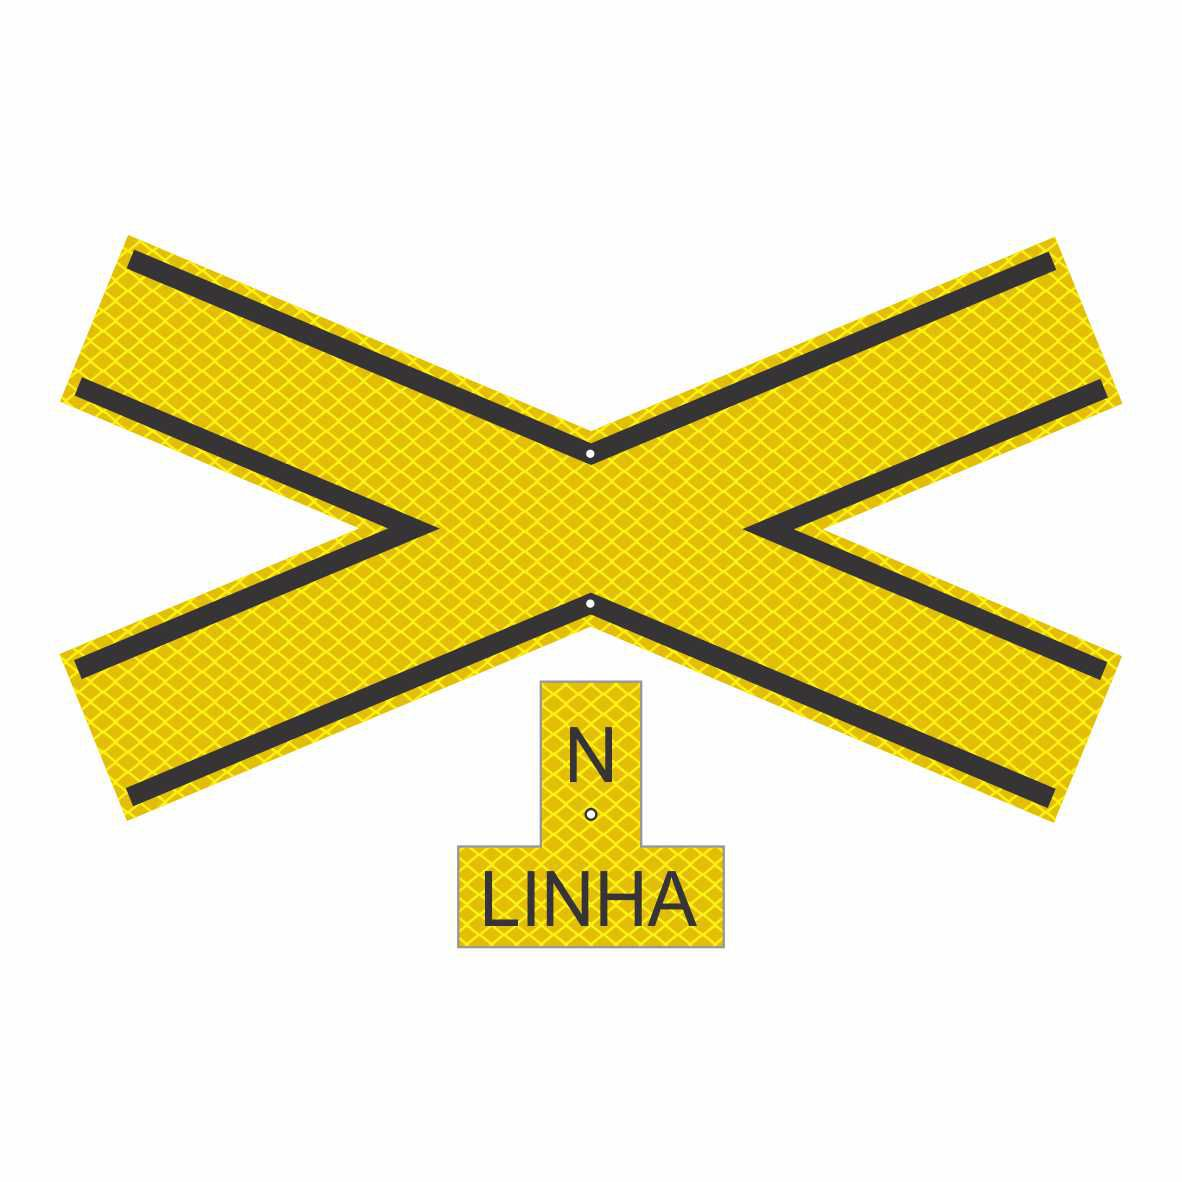 A-41 - CRUZ DE SANTO ANDRÉ  - Towbar Sinalização de Segurança